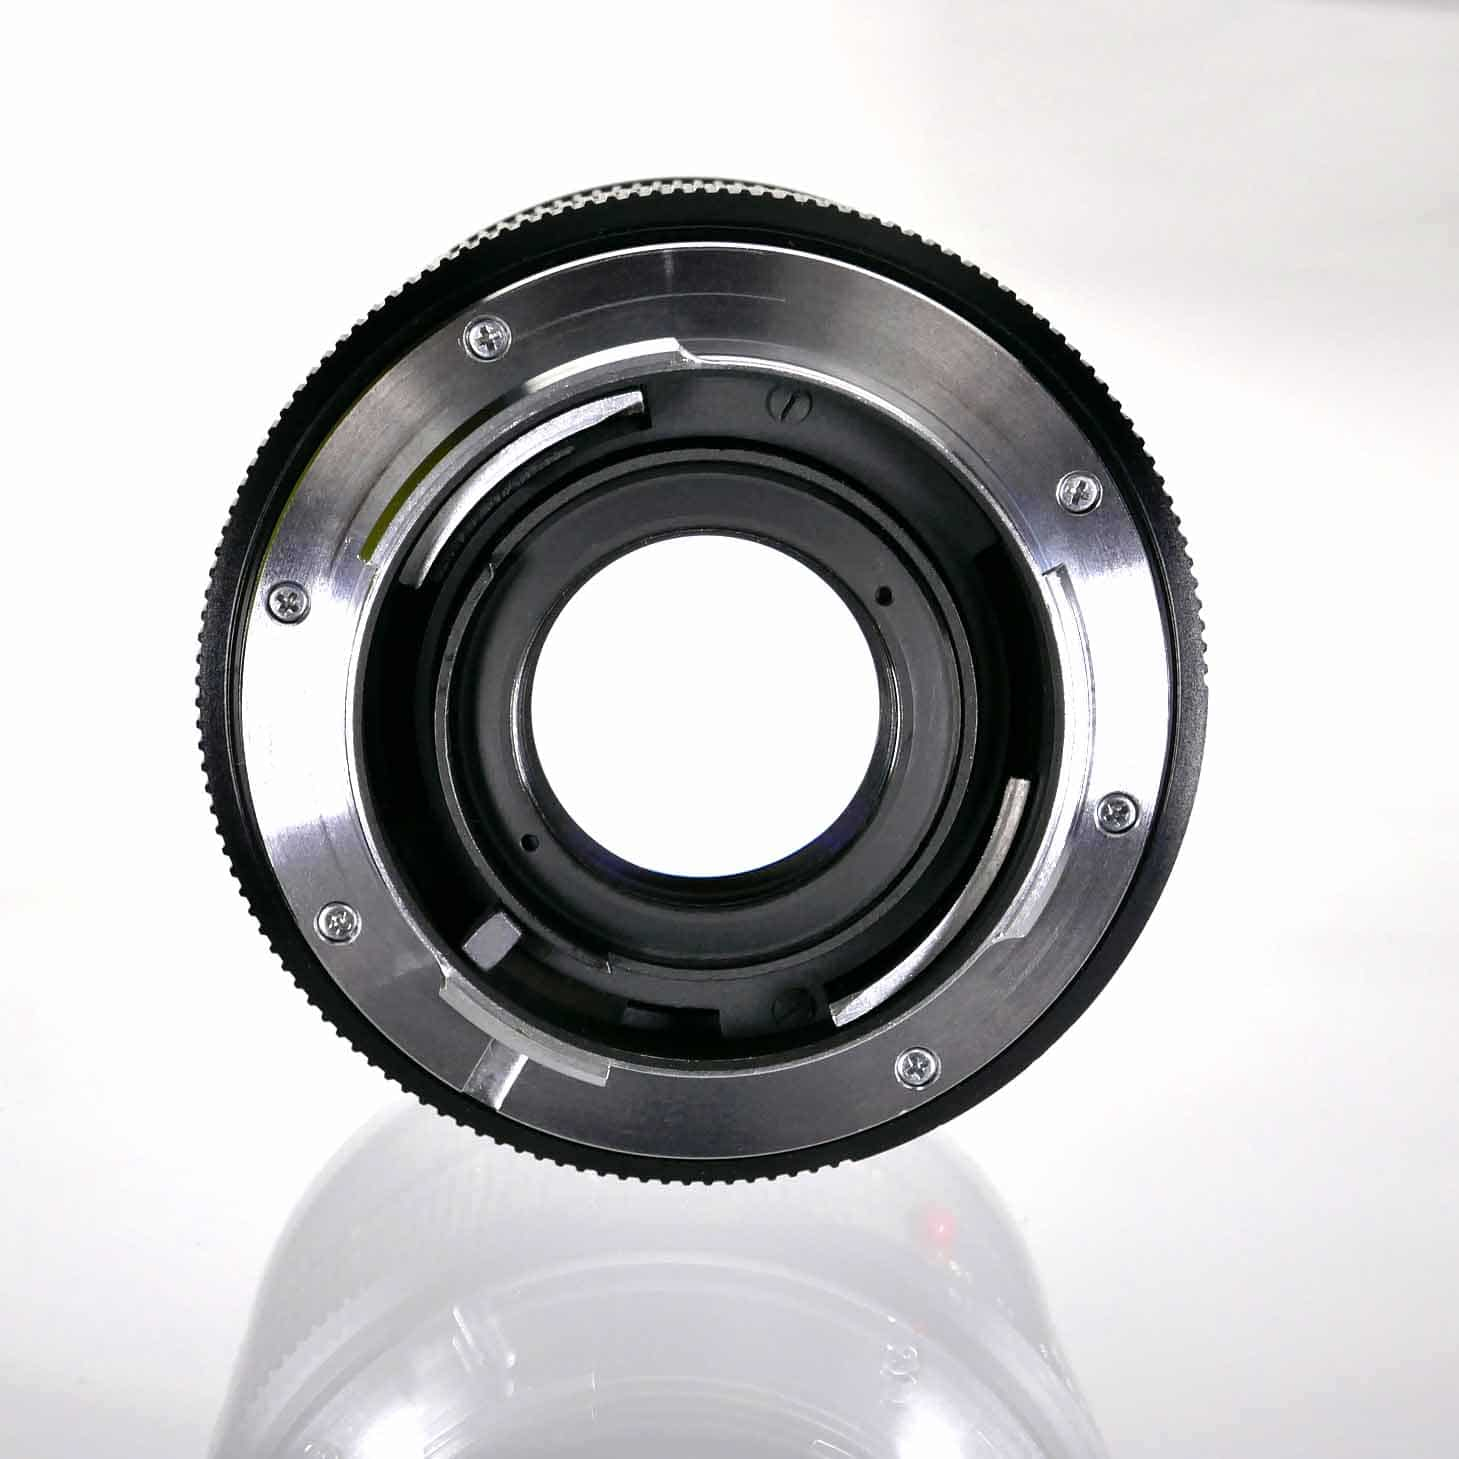 clean-cameras-Leica-R3-Summicron-50mm-03